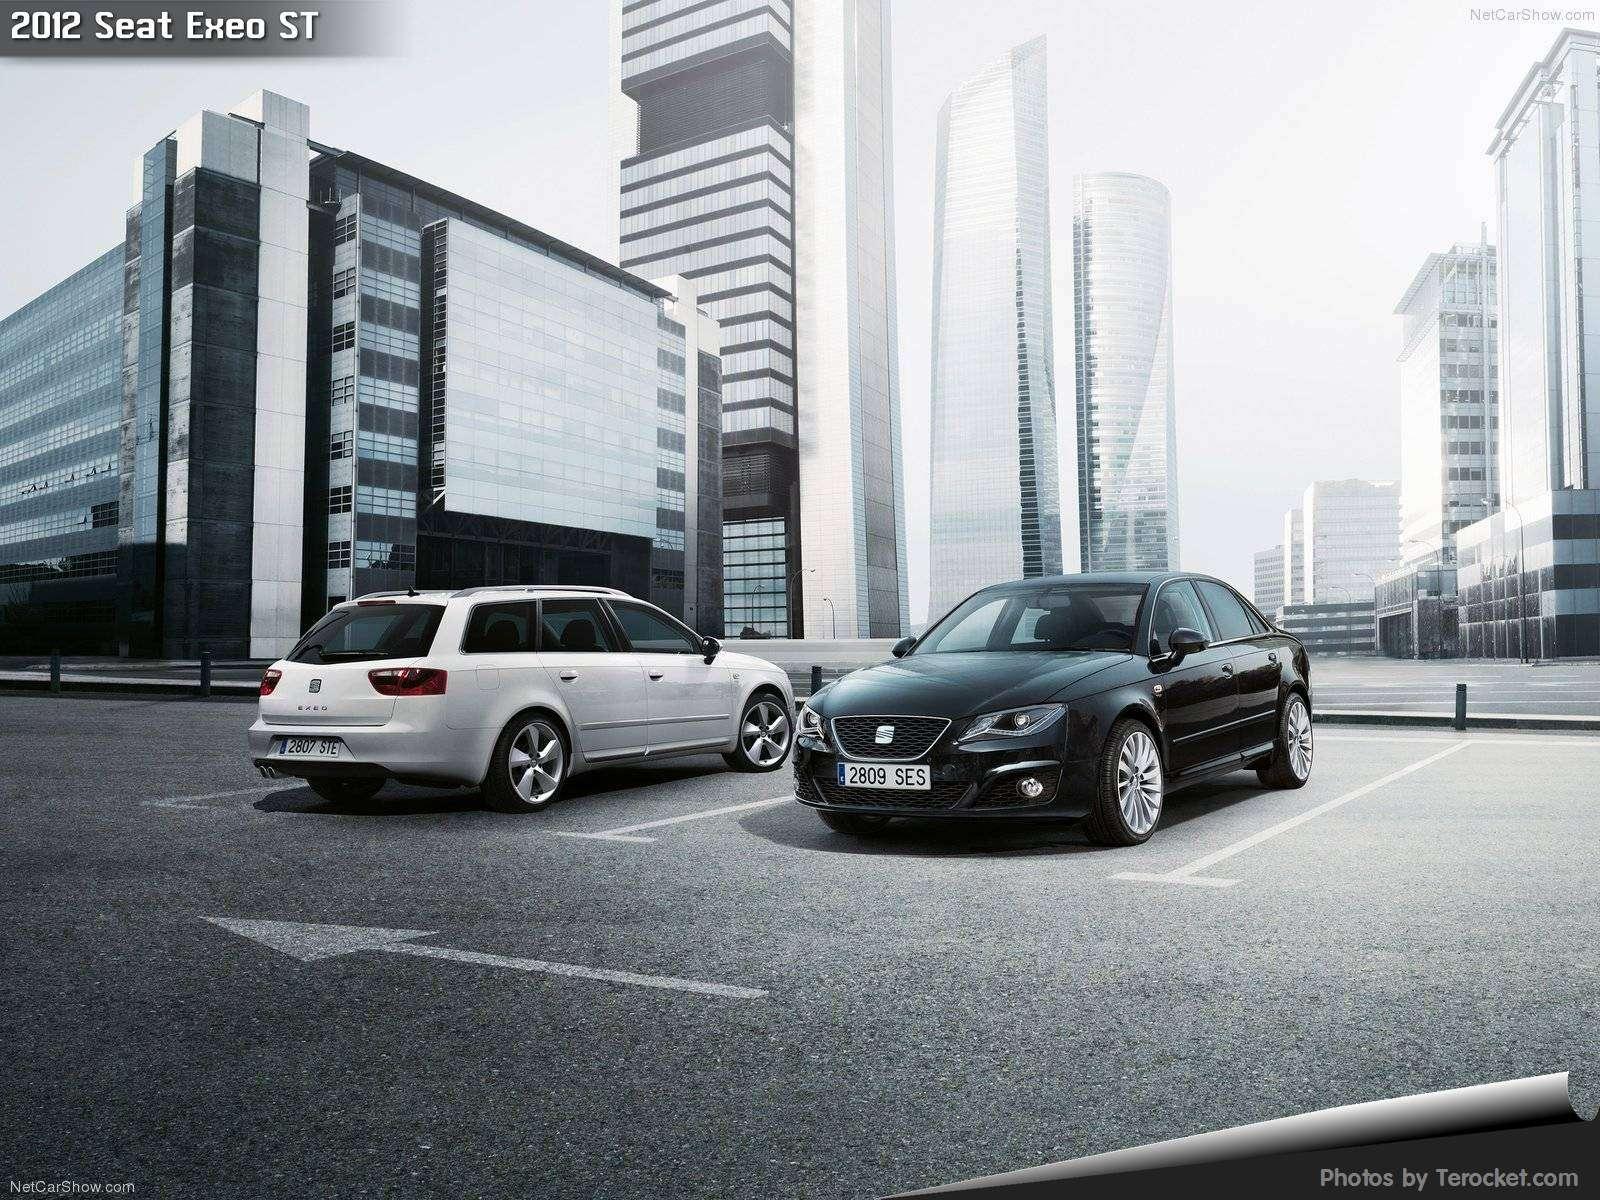 Hình ảnh xe ô tô Seat Exeo ST 2012 & nội ngoại thất